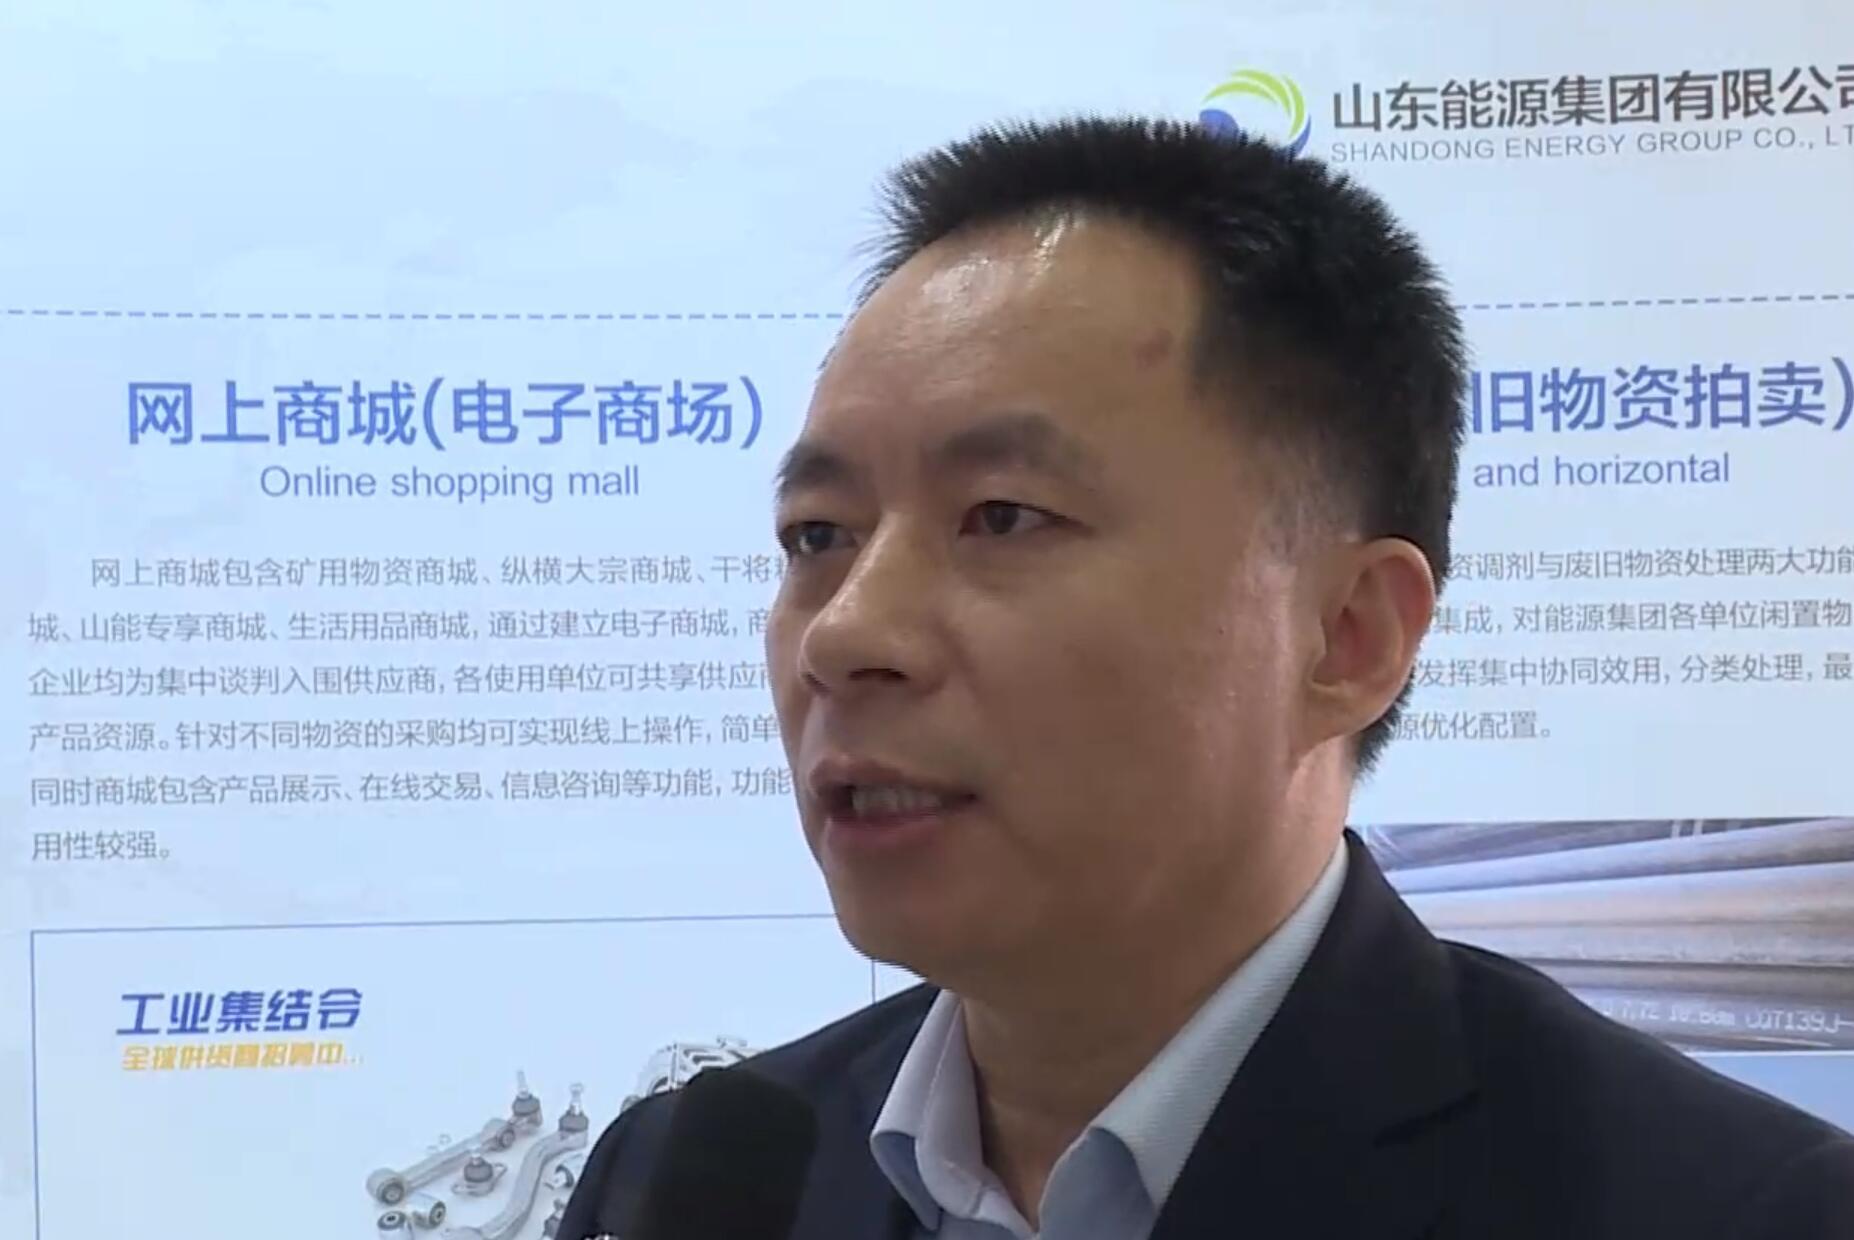 山东能源集团宋玉成:传统实体企业借助互联网高质量发展